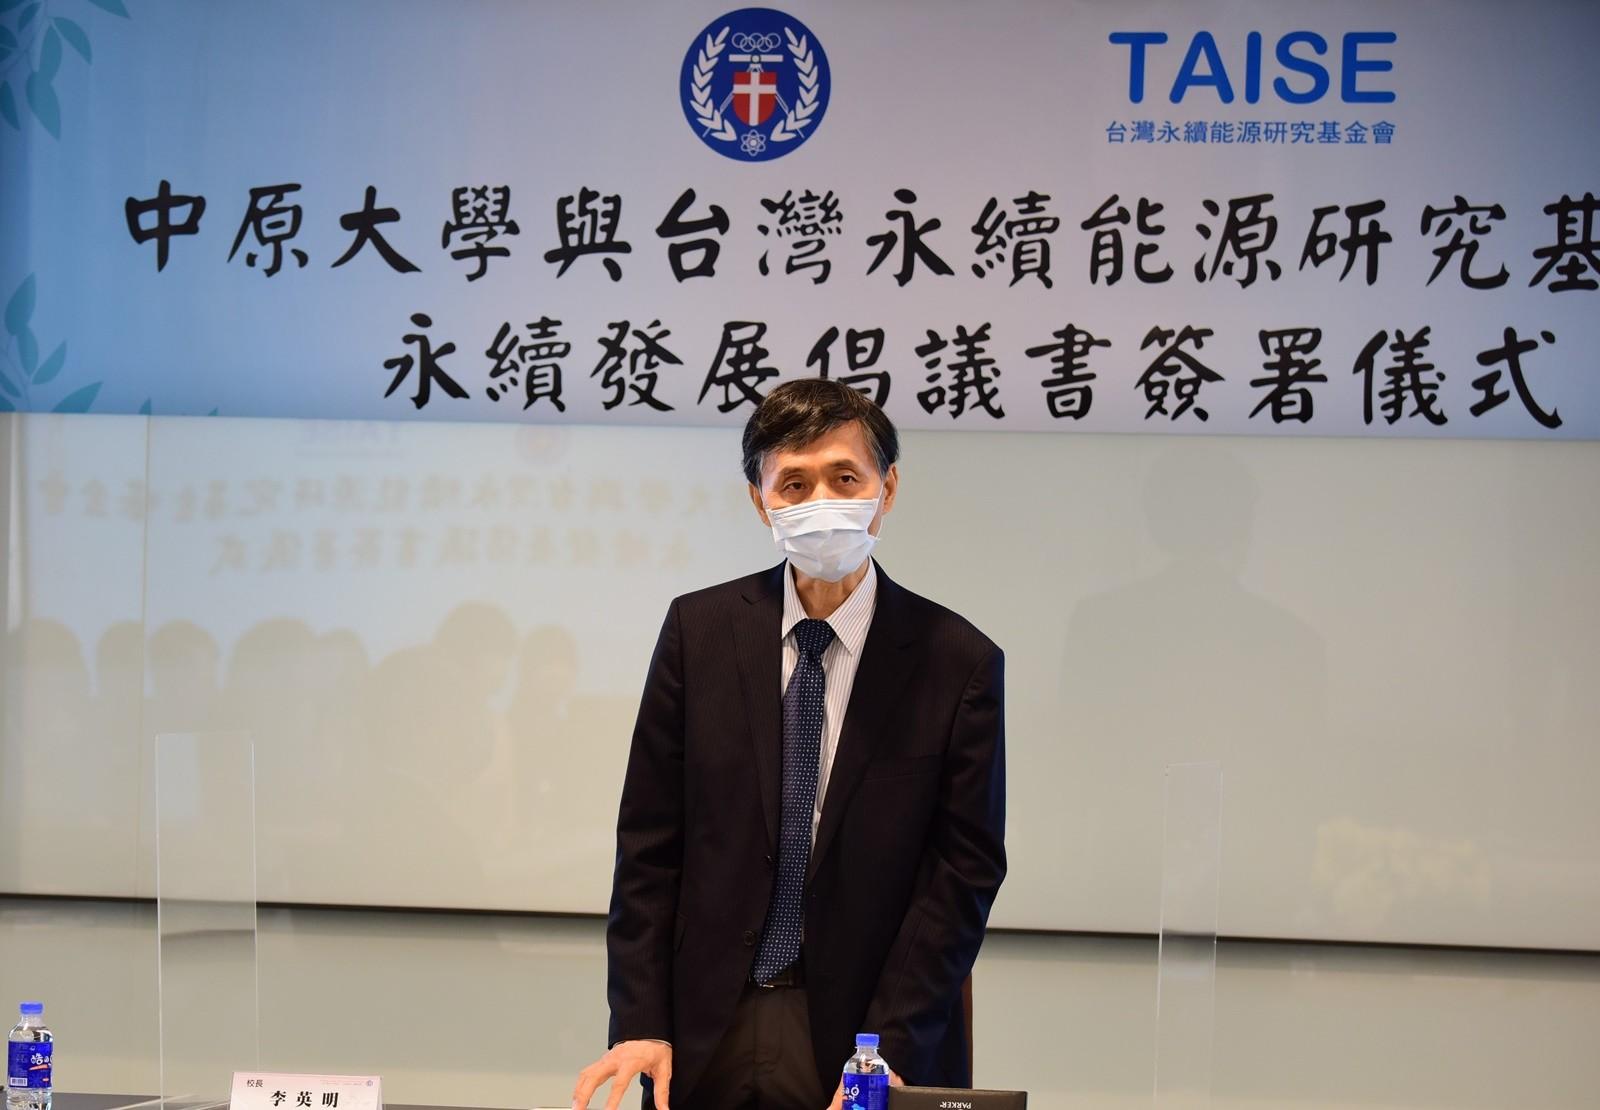 中原大學與台灣永續能源研究基金會簽署「大學永續發展倡議書」,中原大學校長李英明致詞。.jpg